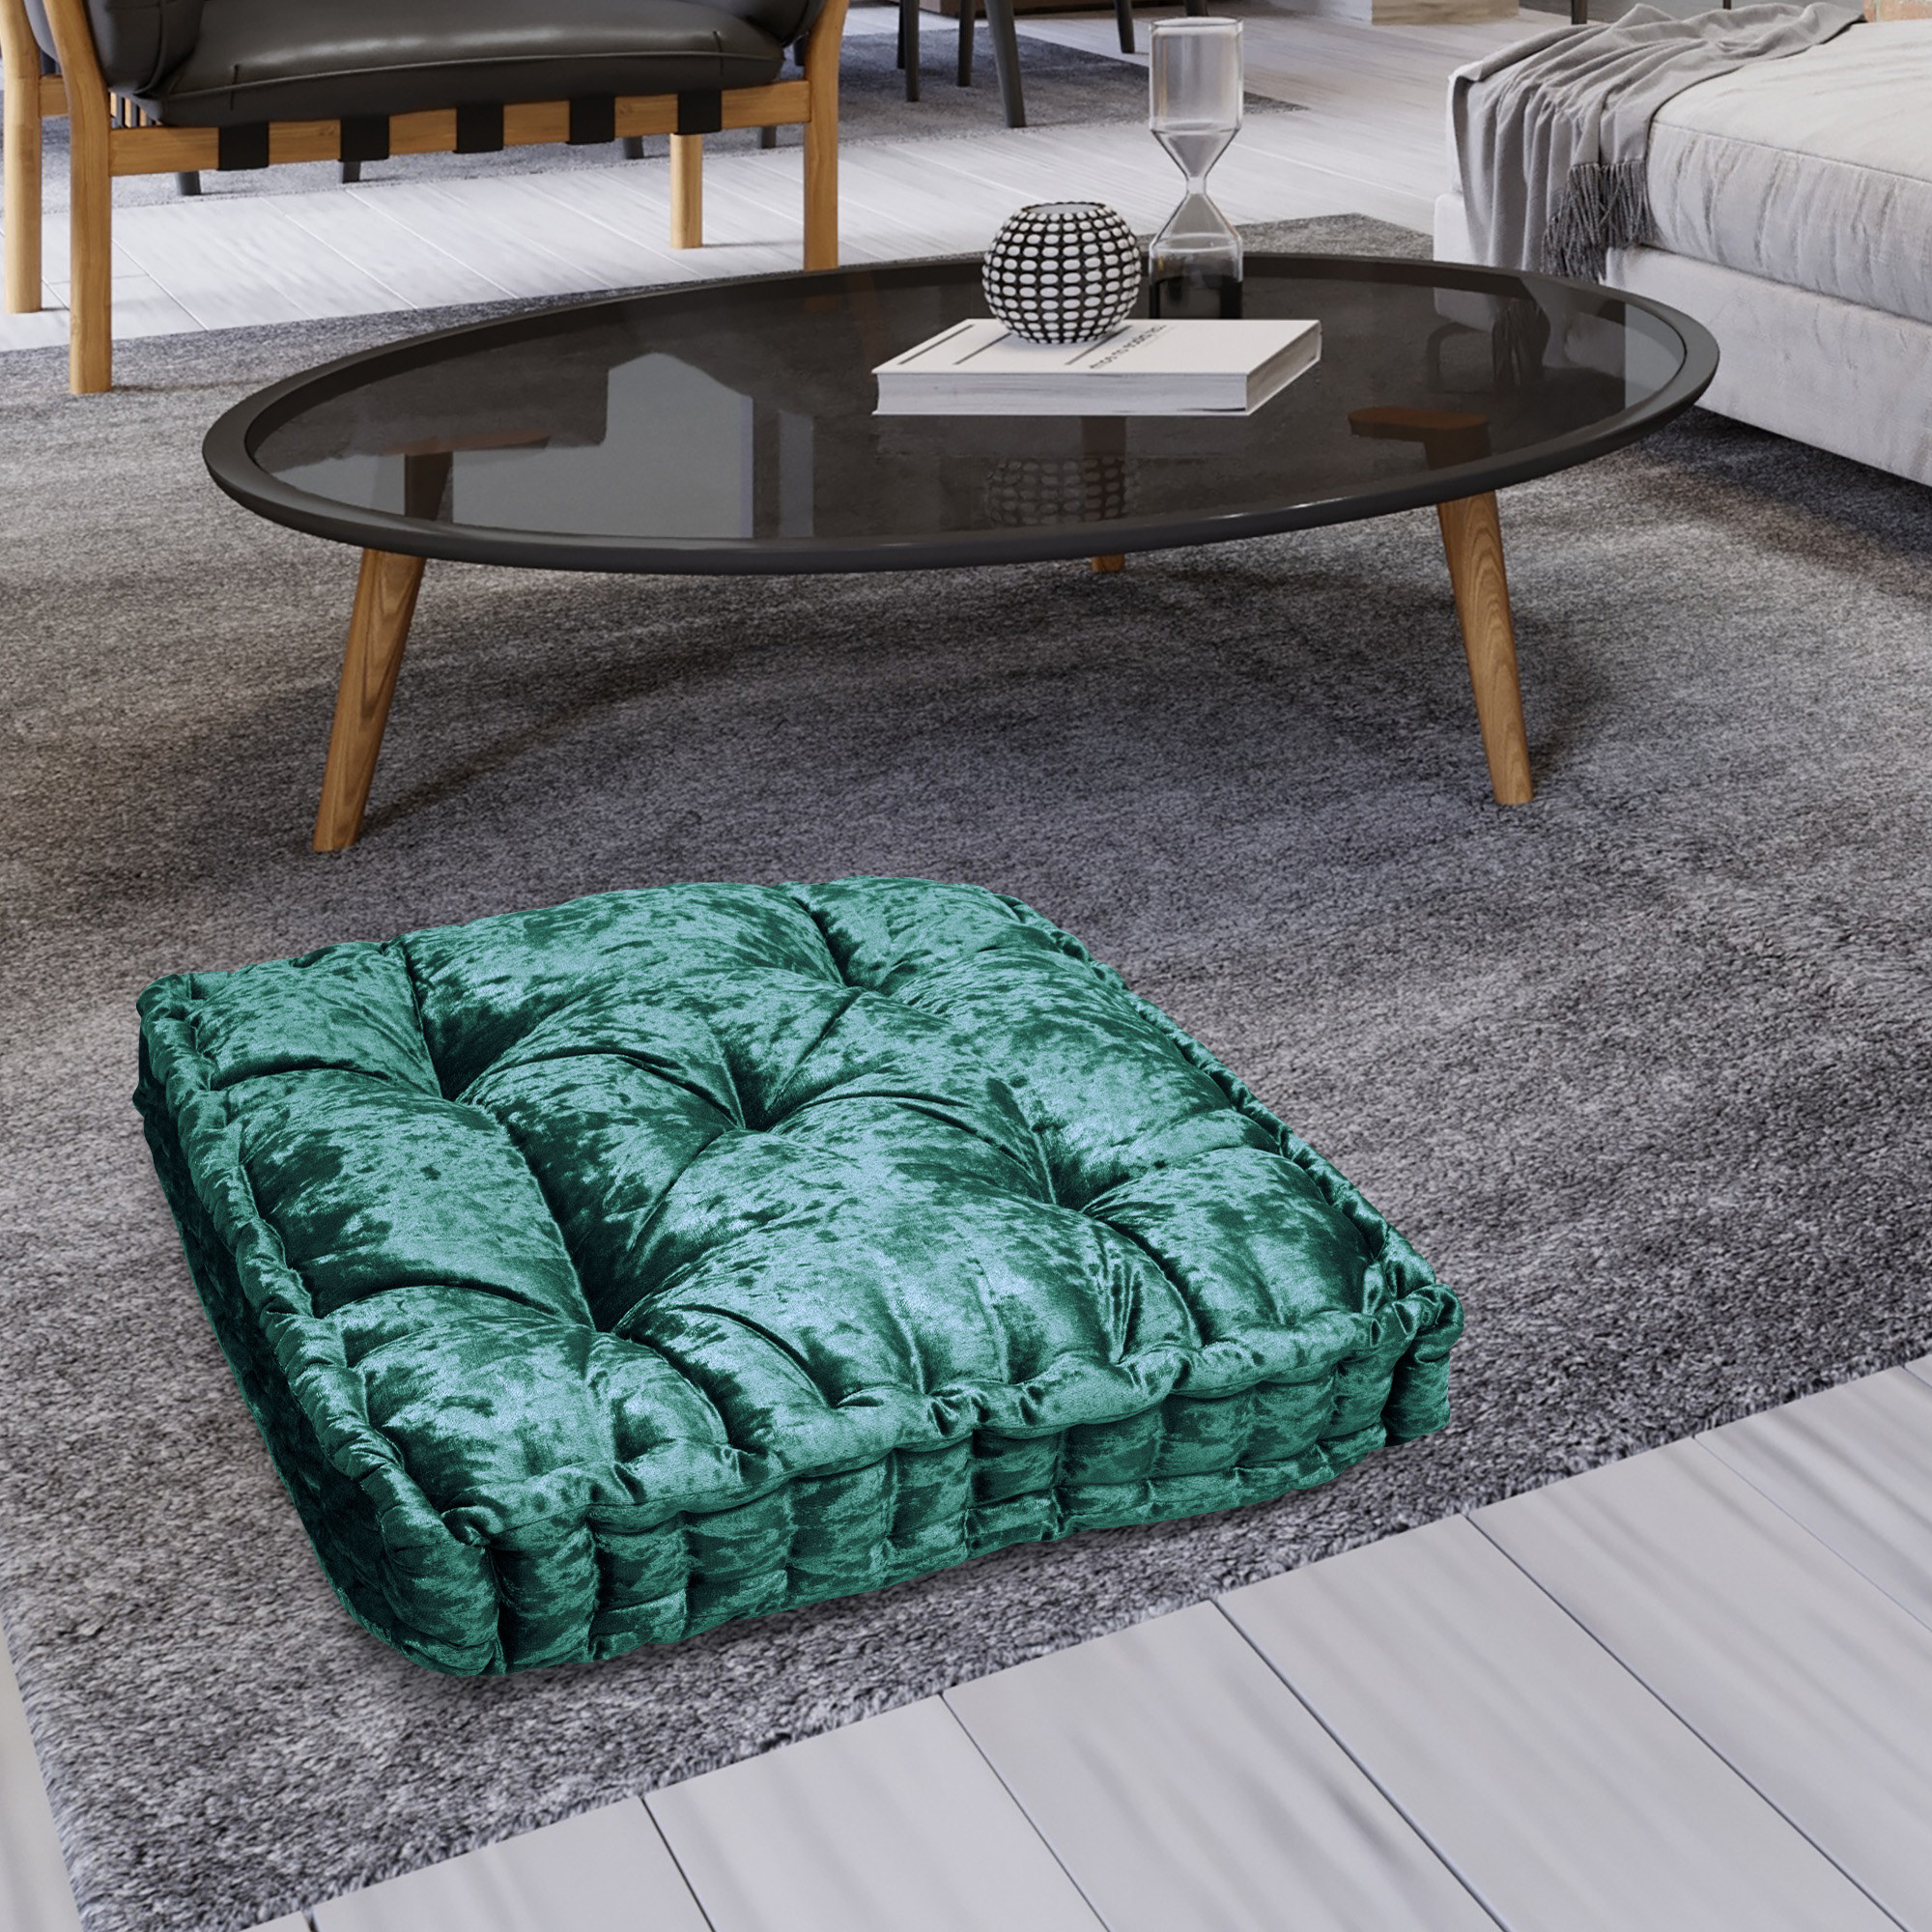 A green floor cushion on a floor in a home